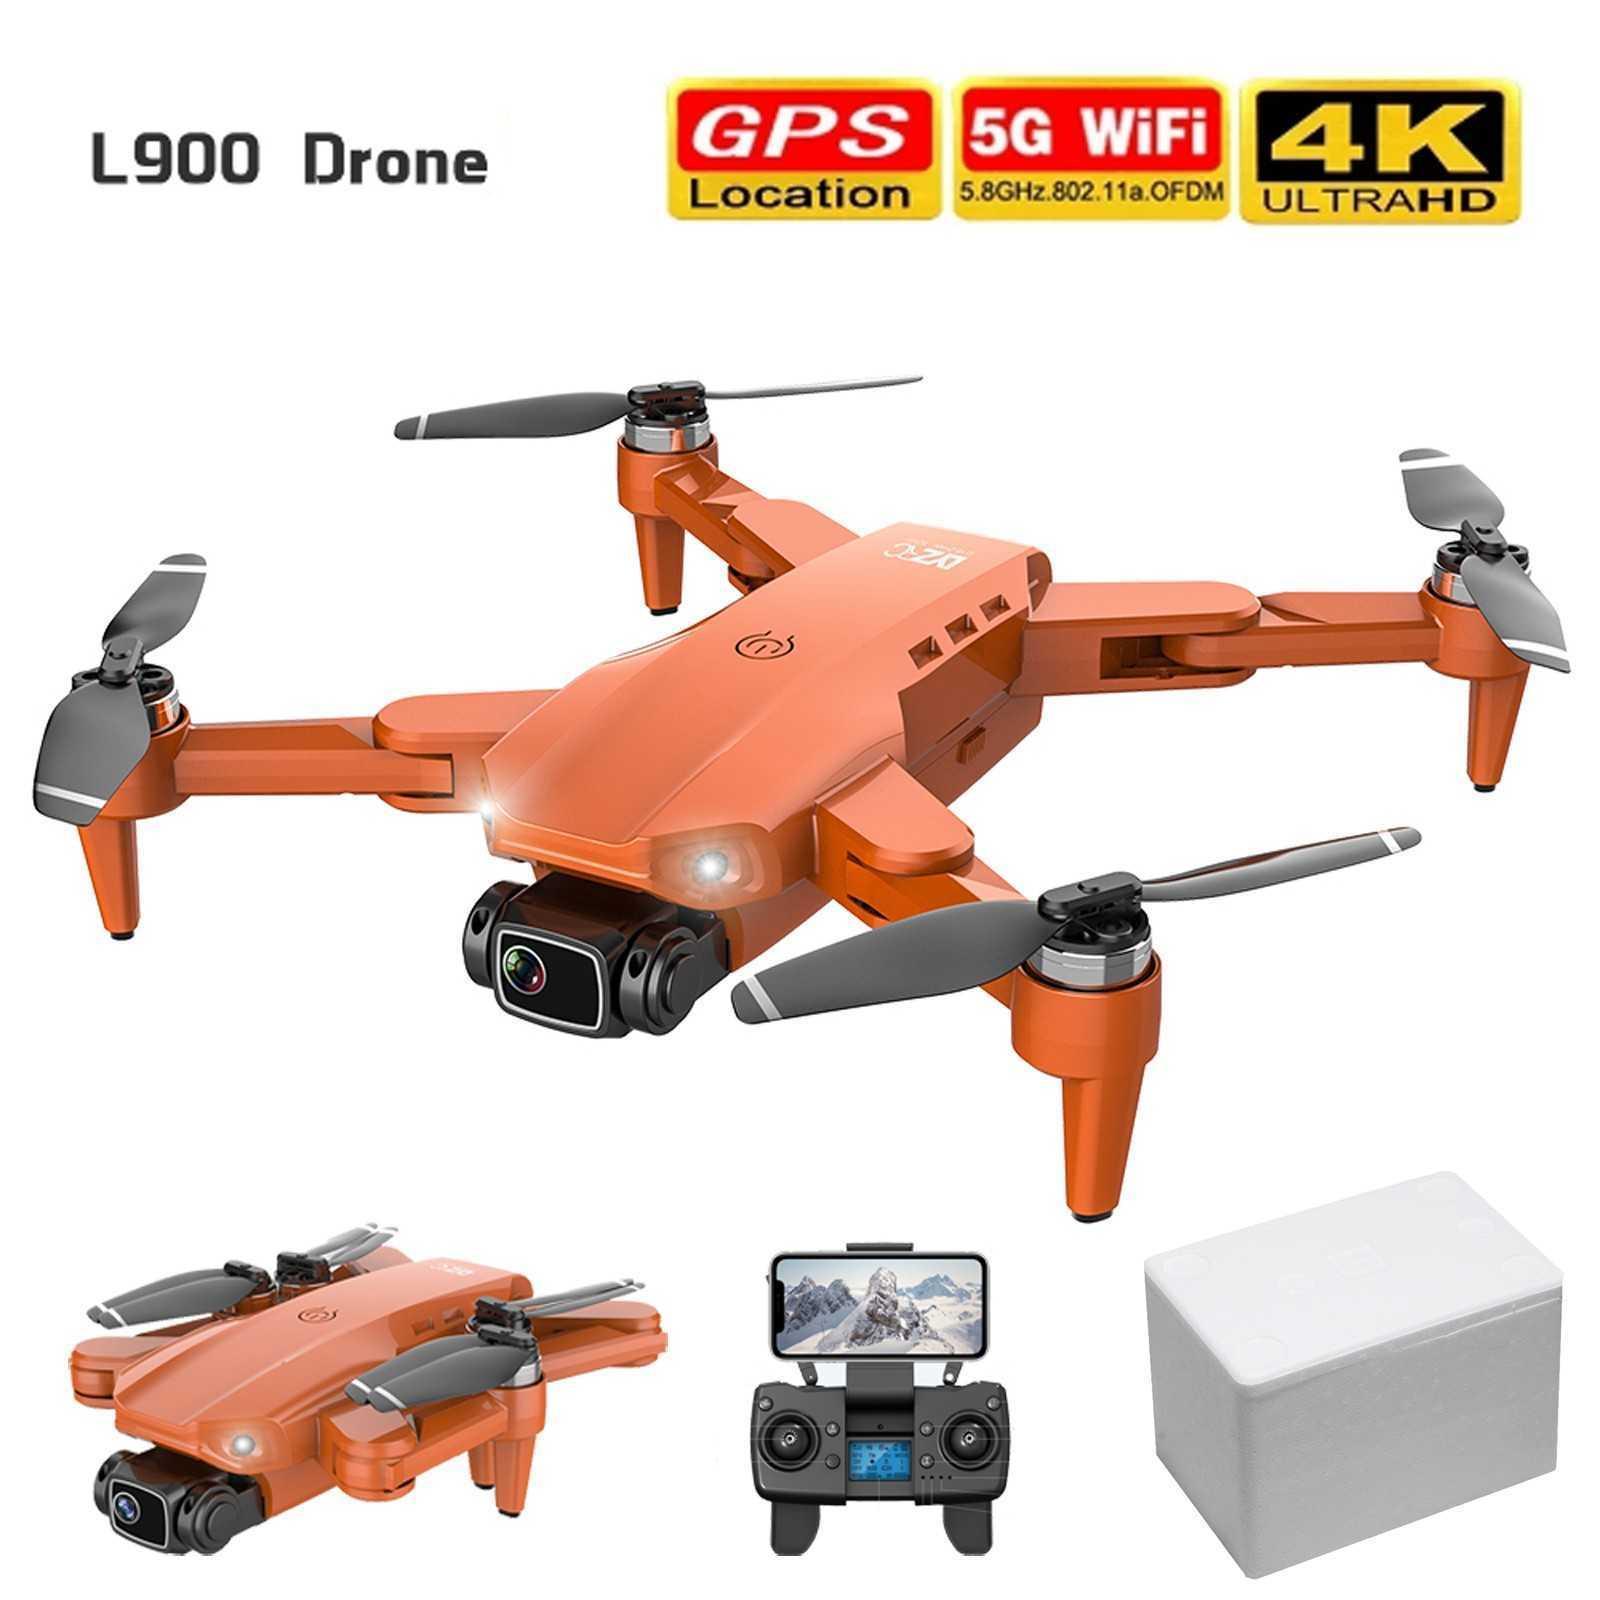 UAV L900 برو 4K HD المزدوج الكاميرا مع GPS 5G WIFI FPV RC بدون طيار كوادكوبتر الجوي التصوير الجوي للتحكم عن بعد بدون طيار Q0602